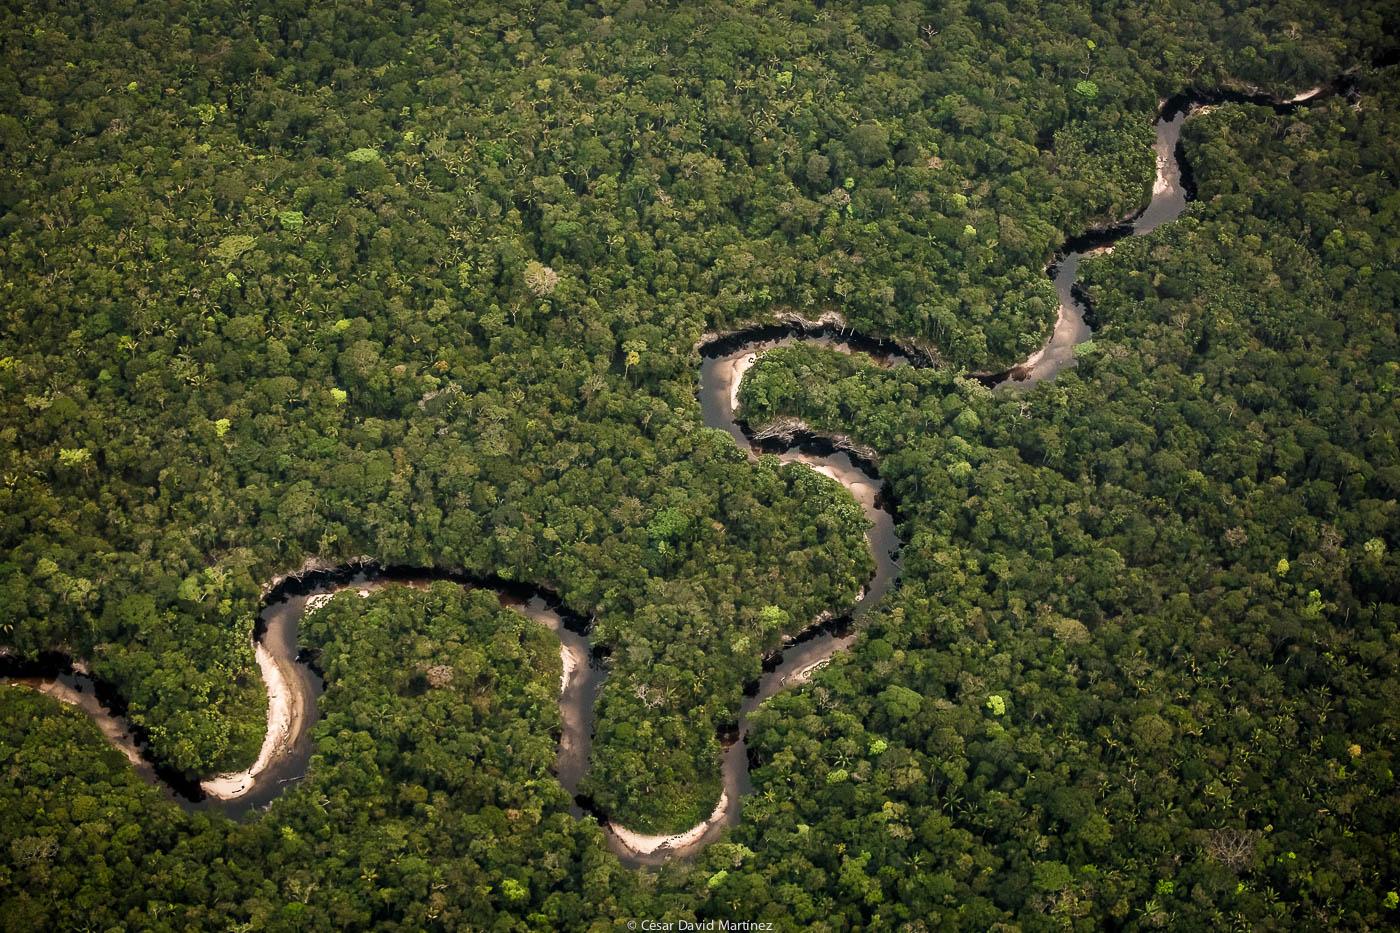 какая река занимает 2 место после амазонки